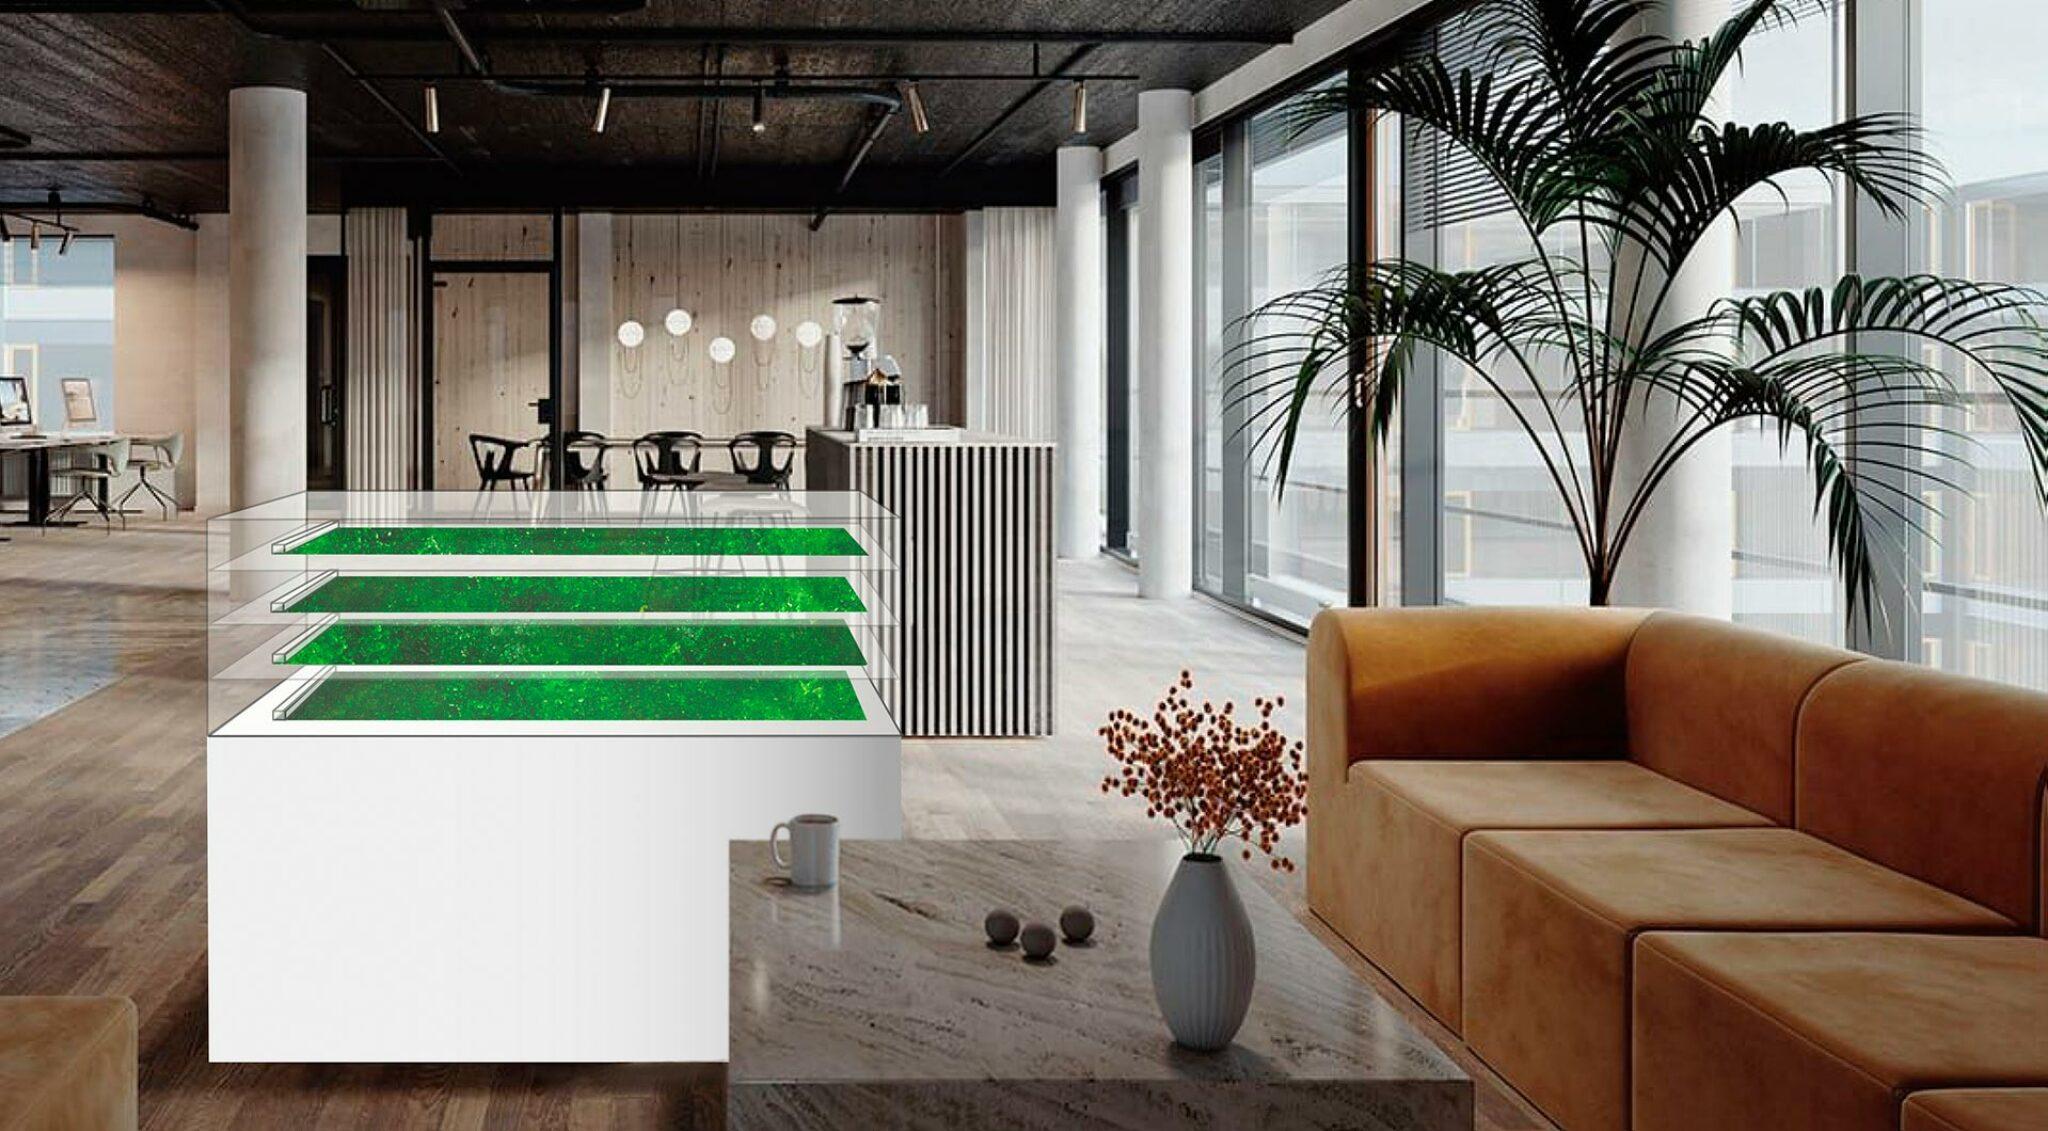 Eine Algenfarm in einer Lounge.